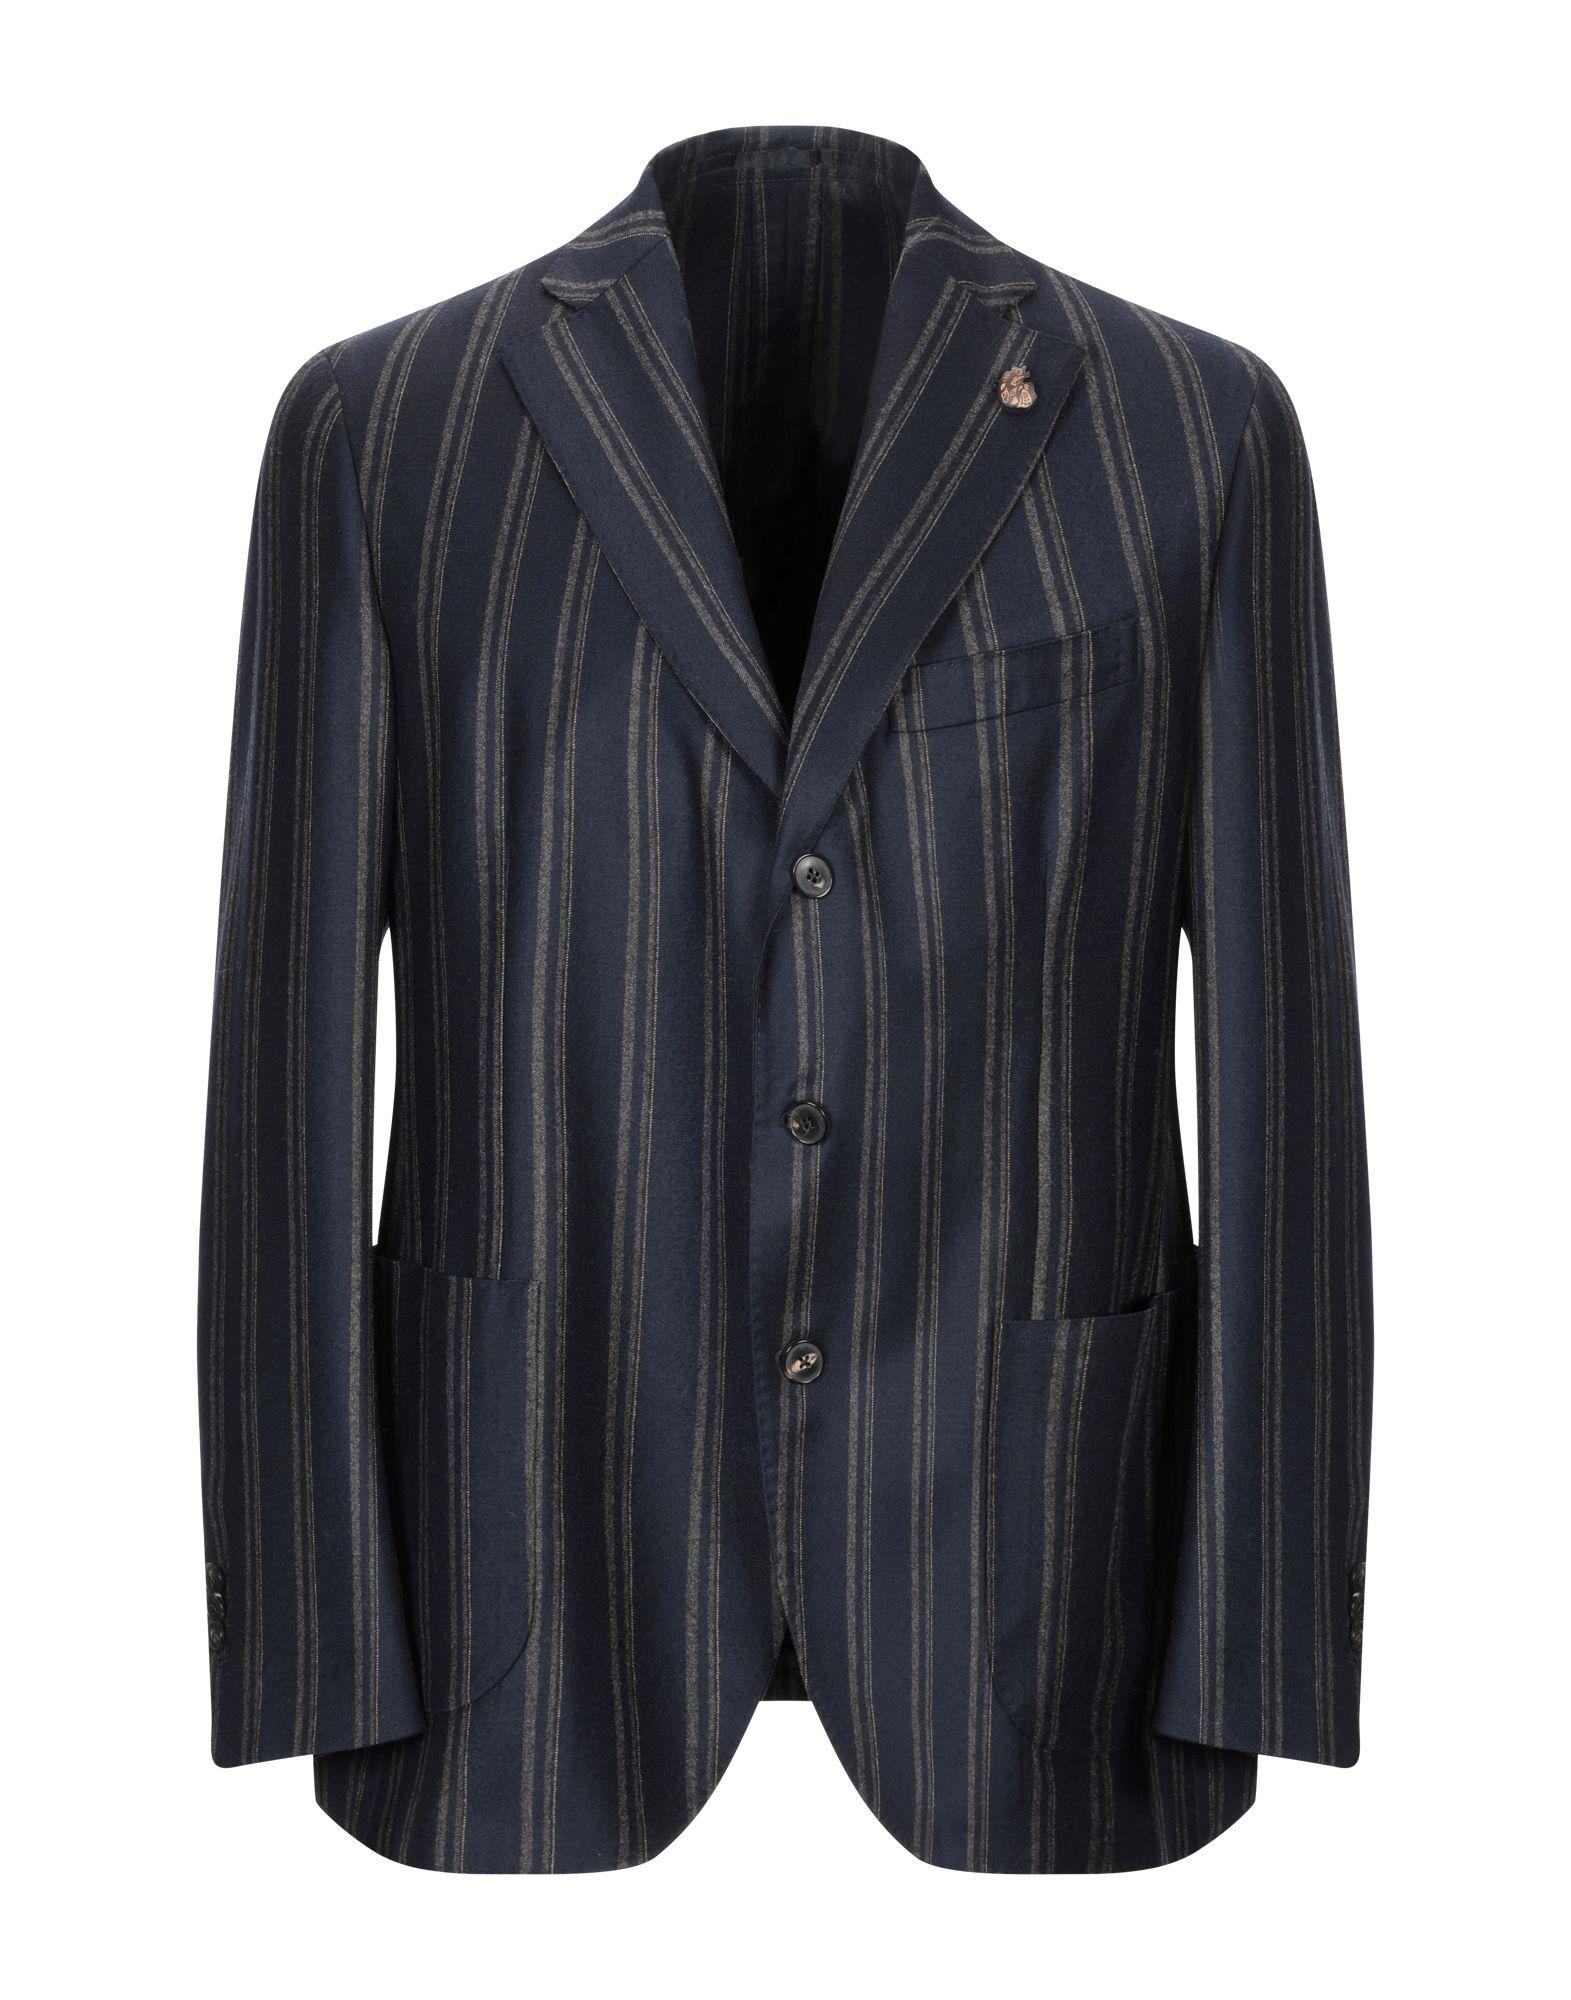 GABRIELE PASINI Пиджак шерстяной пиджак мужской купить в москве